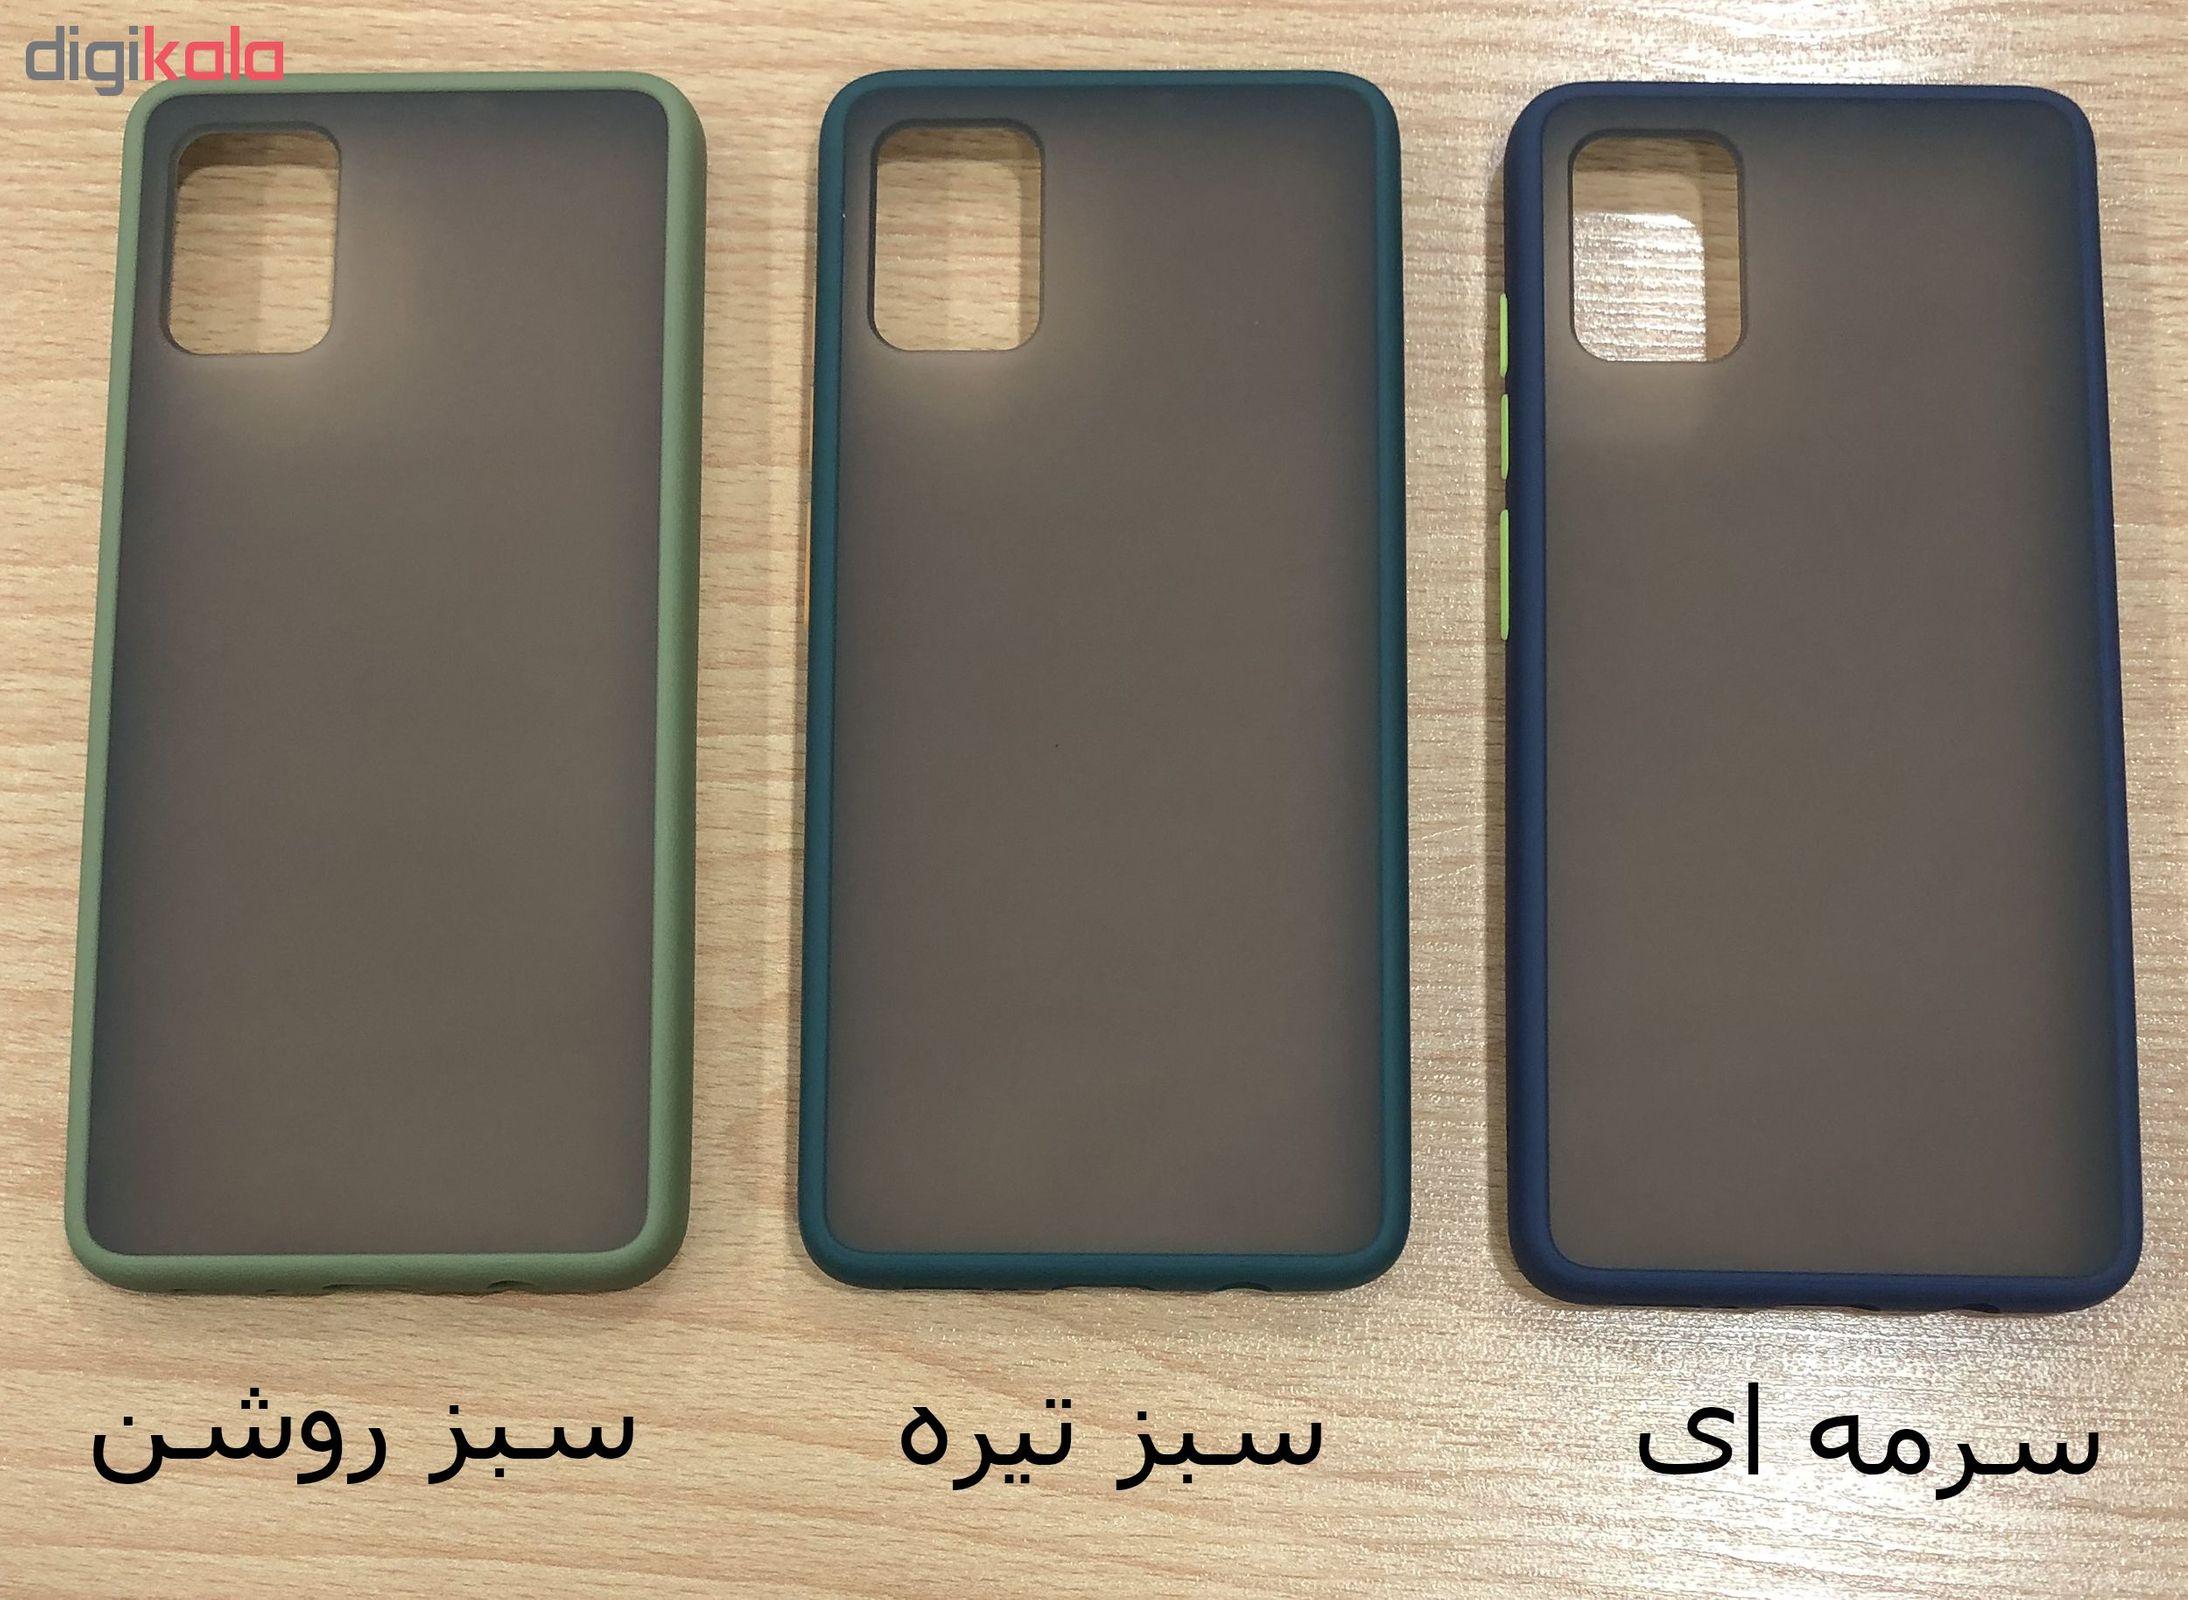 کاور مدل ME-001 مناسب برای گوشی موبایل سامسونگ Galaxy A51 main 1 2